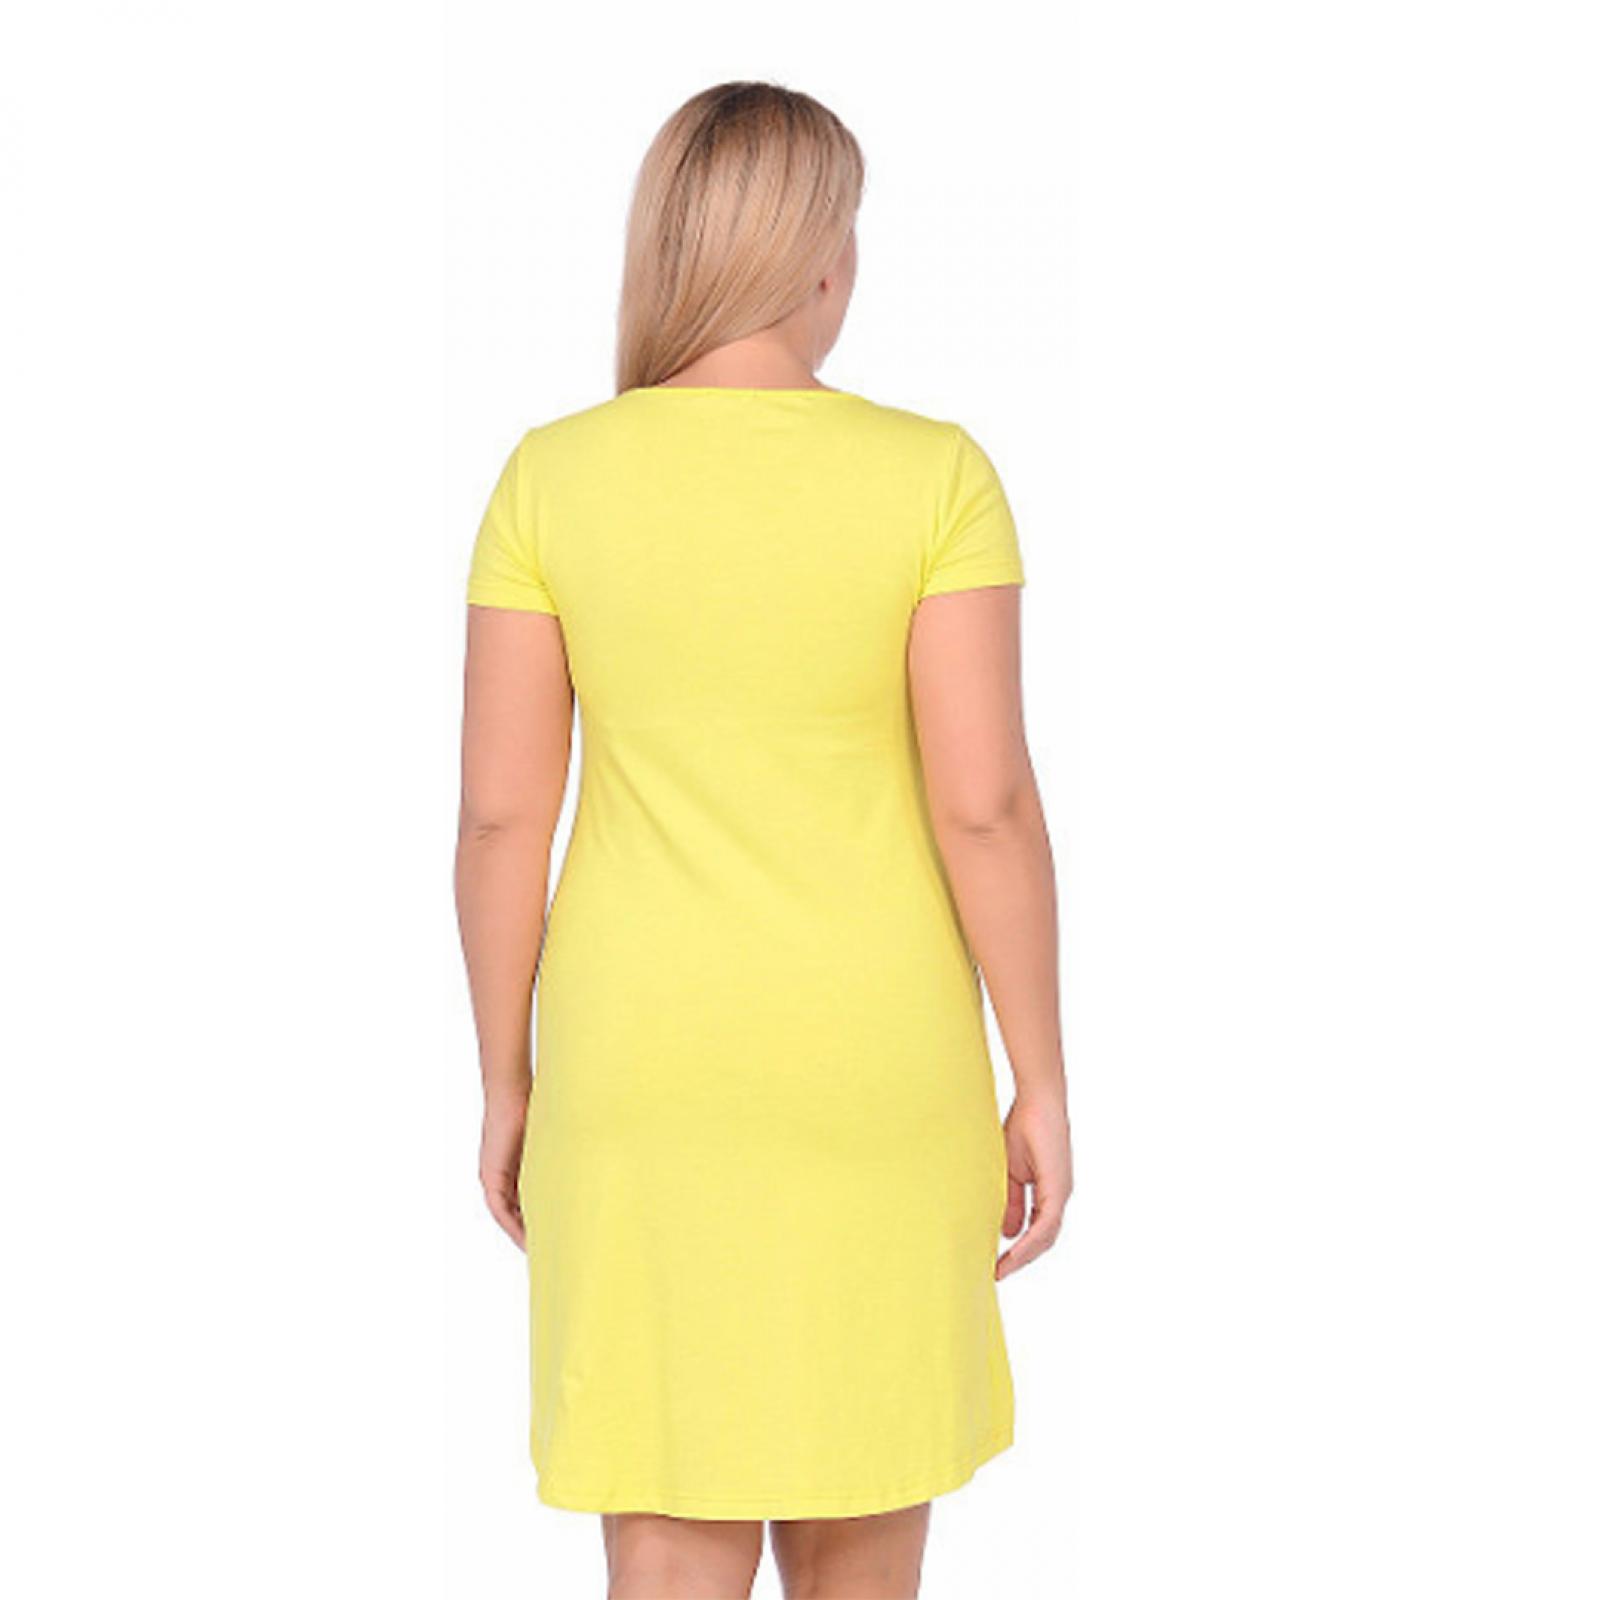 Платье жёлтое (принт) М-0072Ж